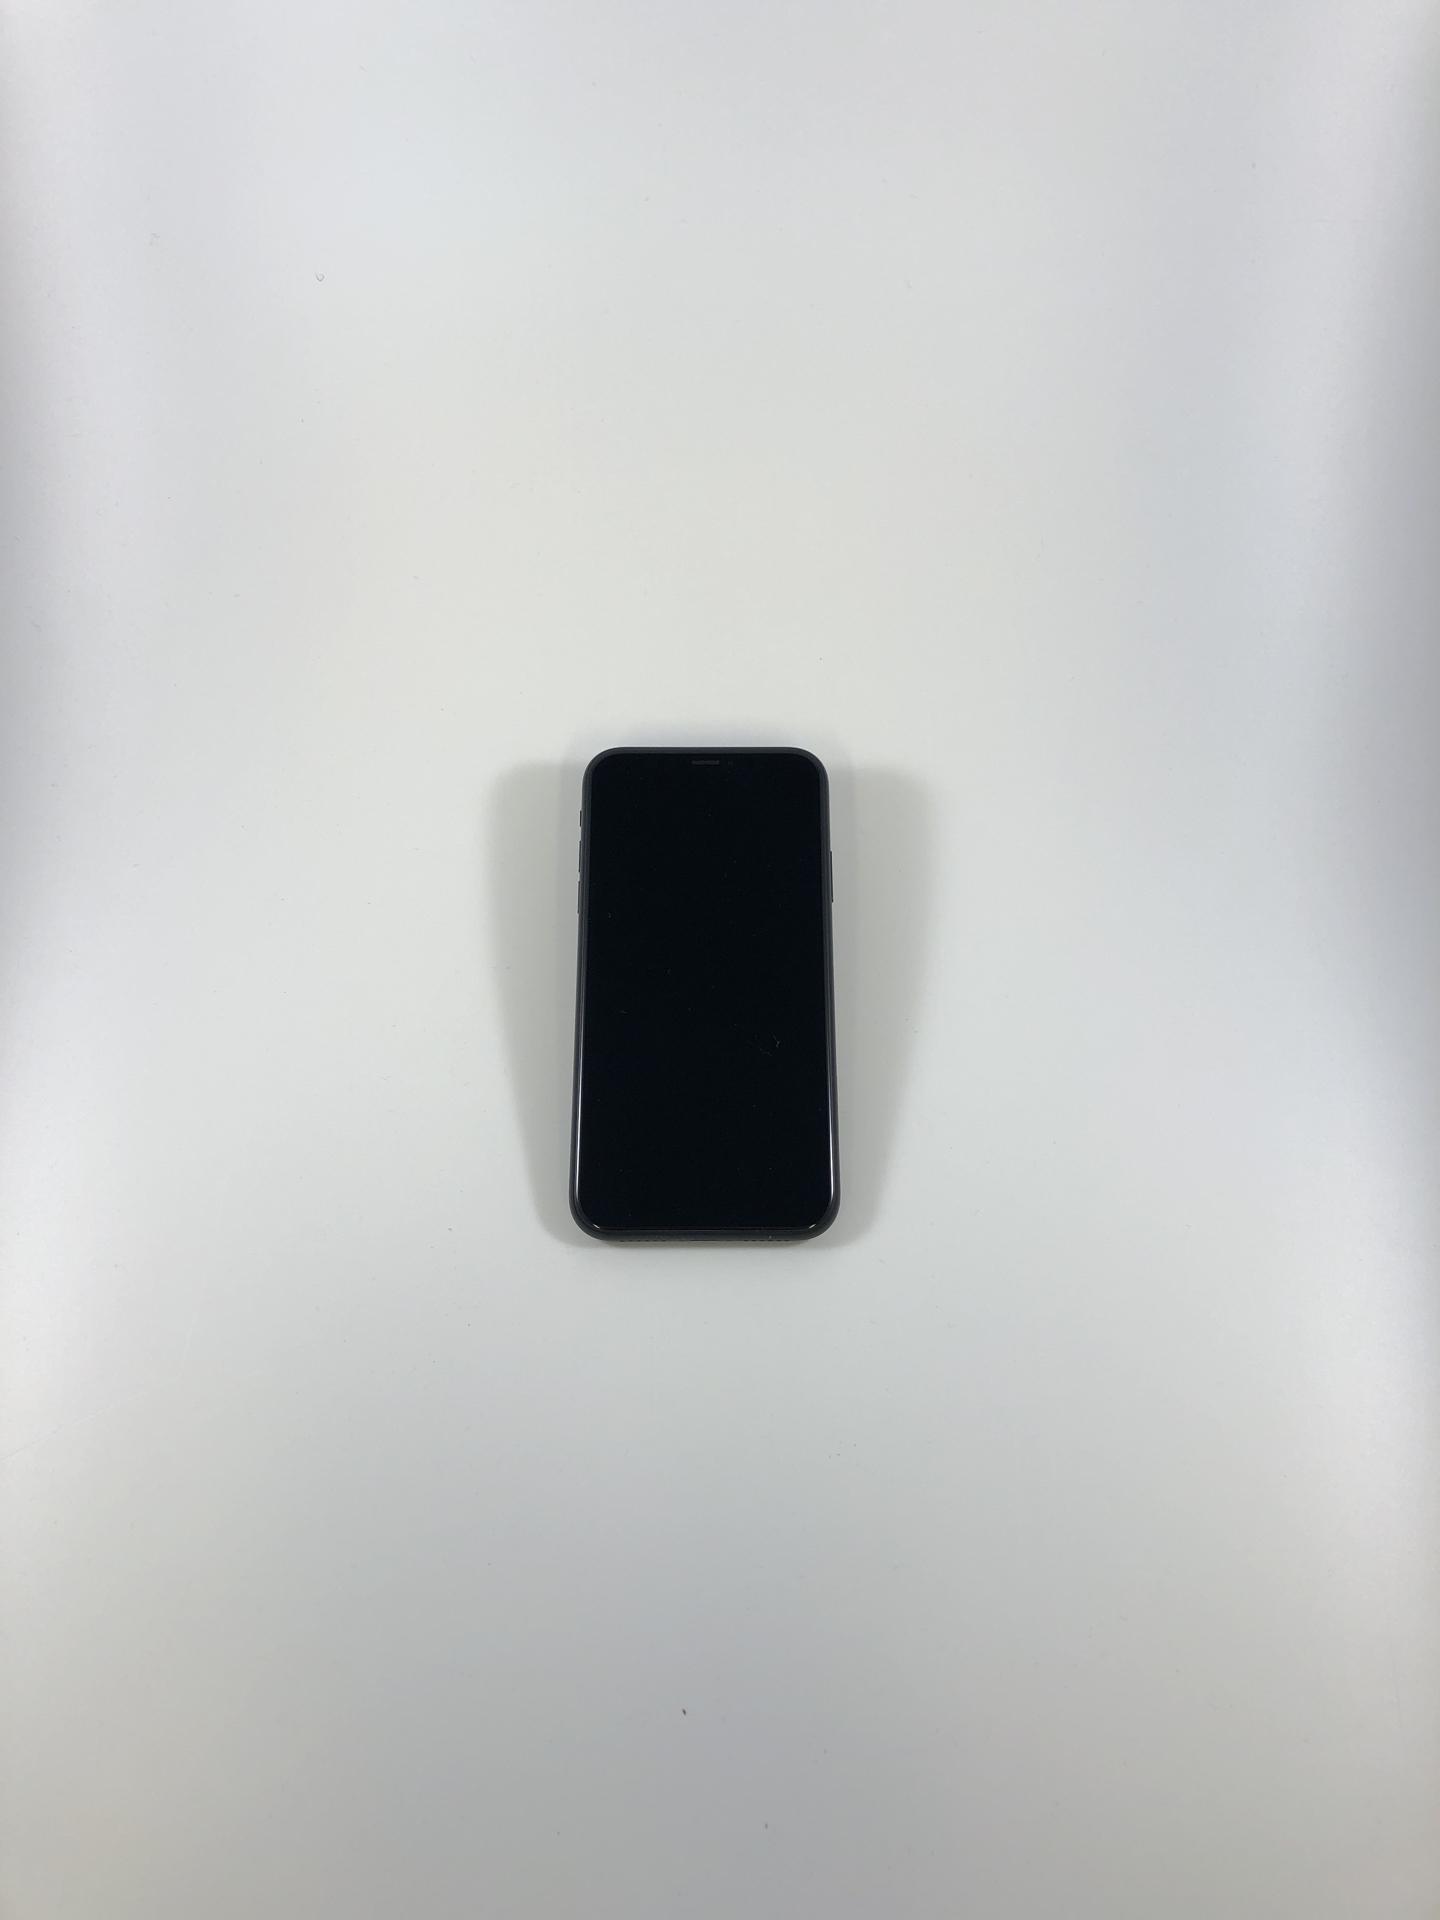 iPhone XR 256GB, 256GB, Black, Kuva 2